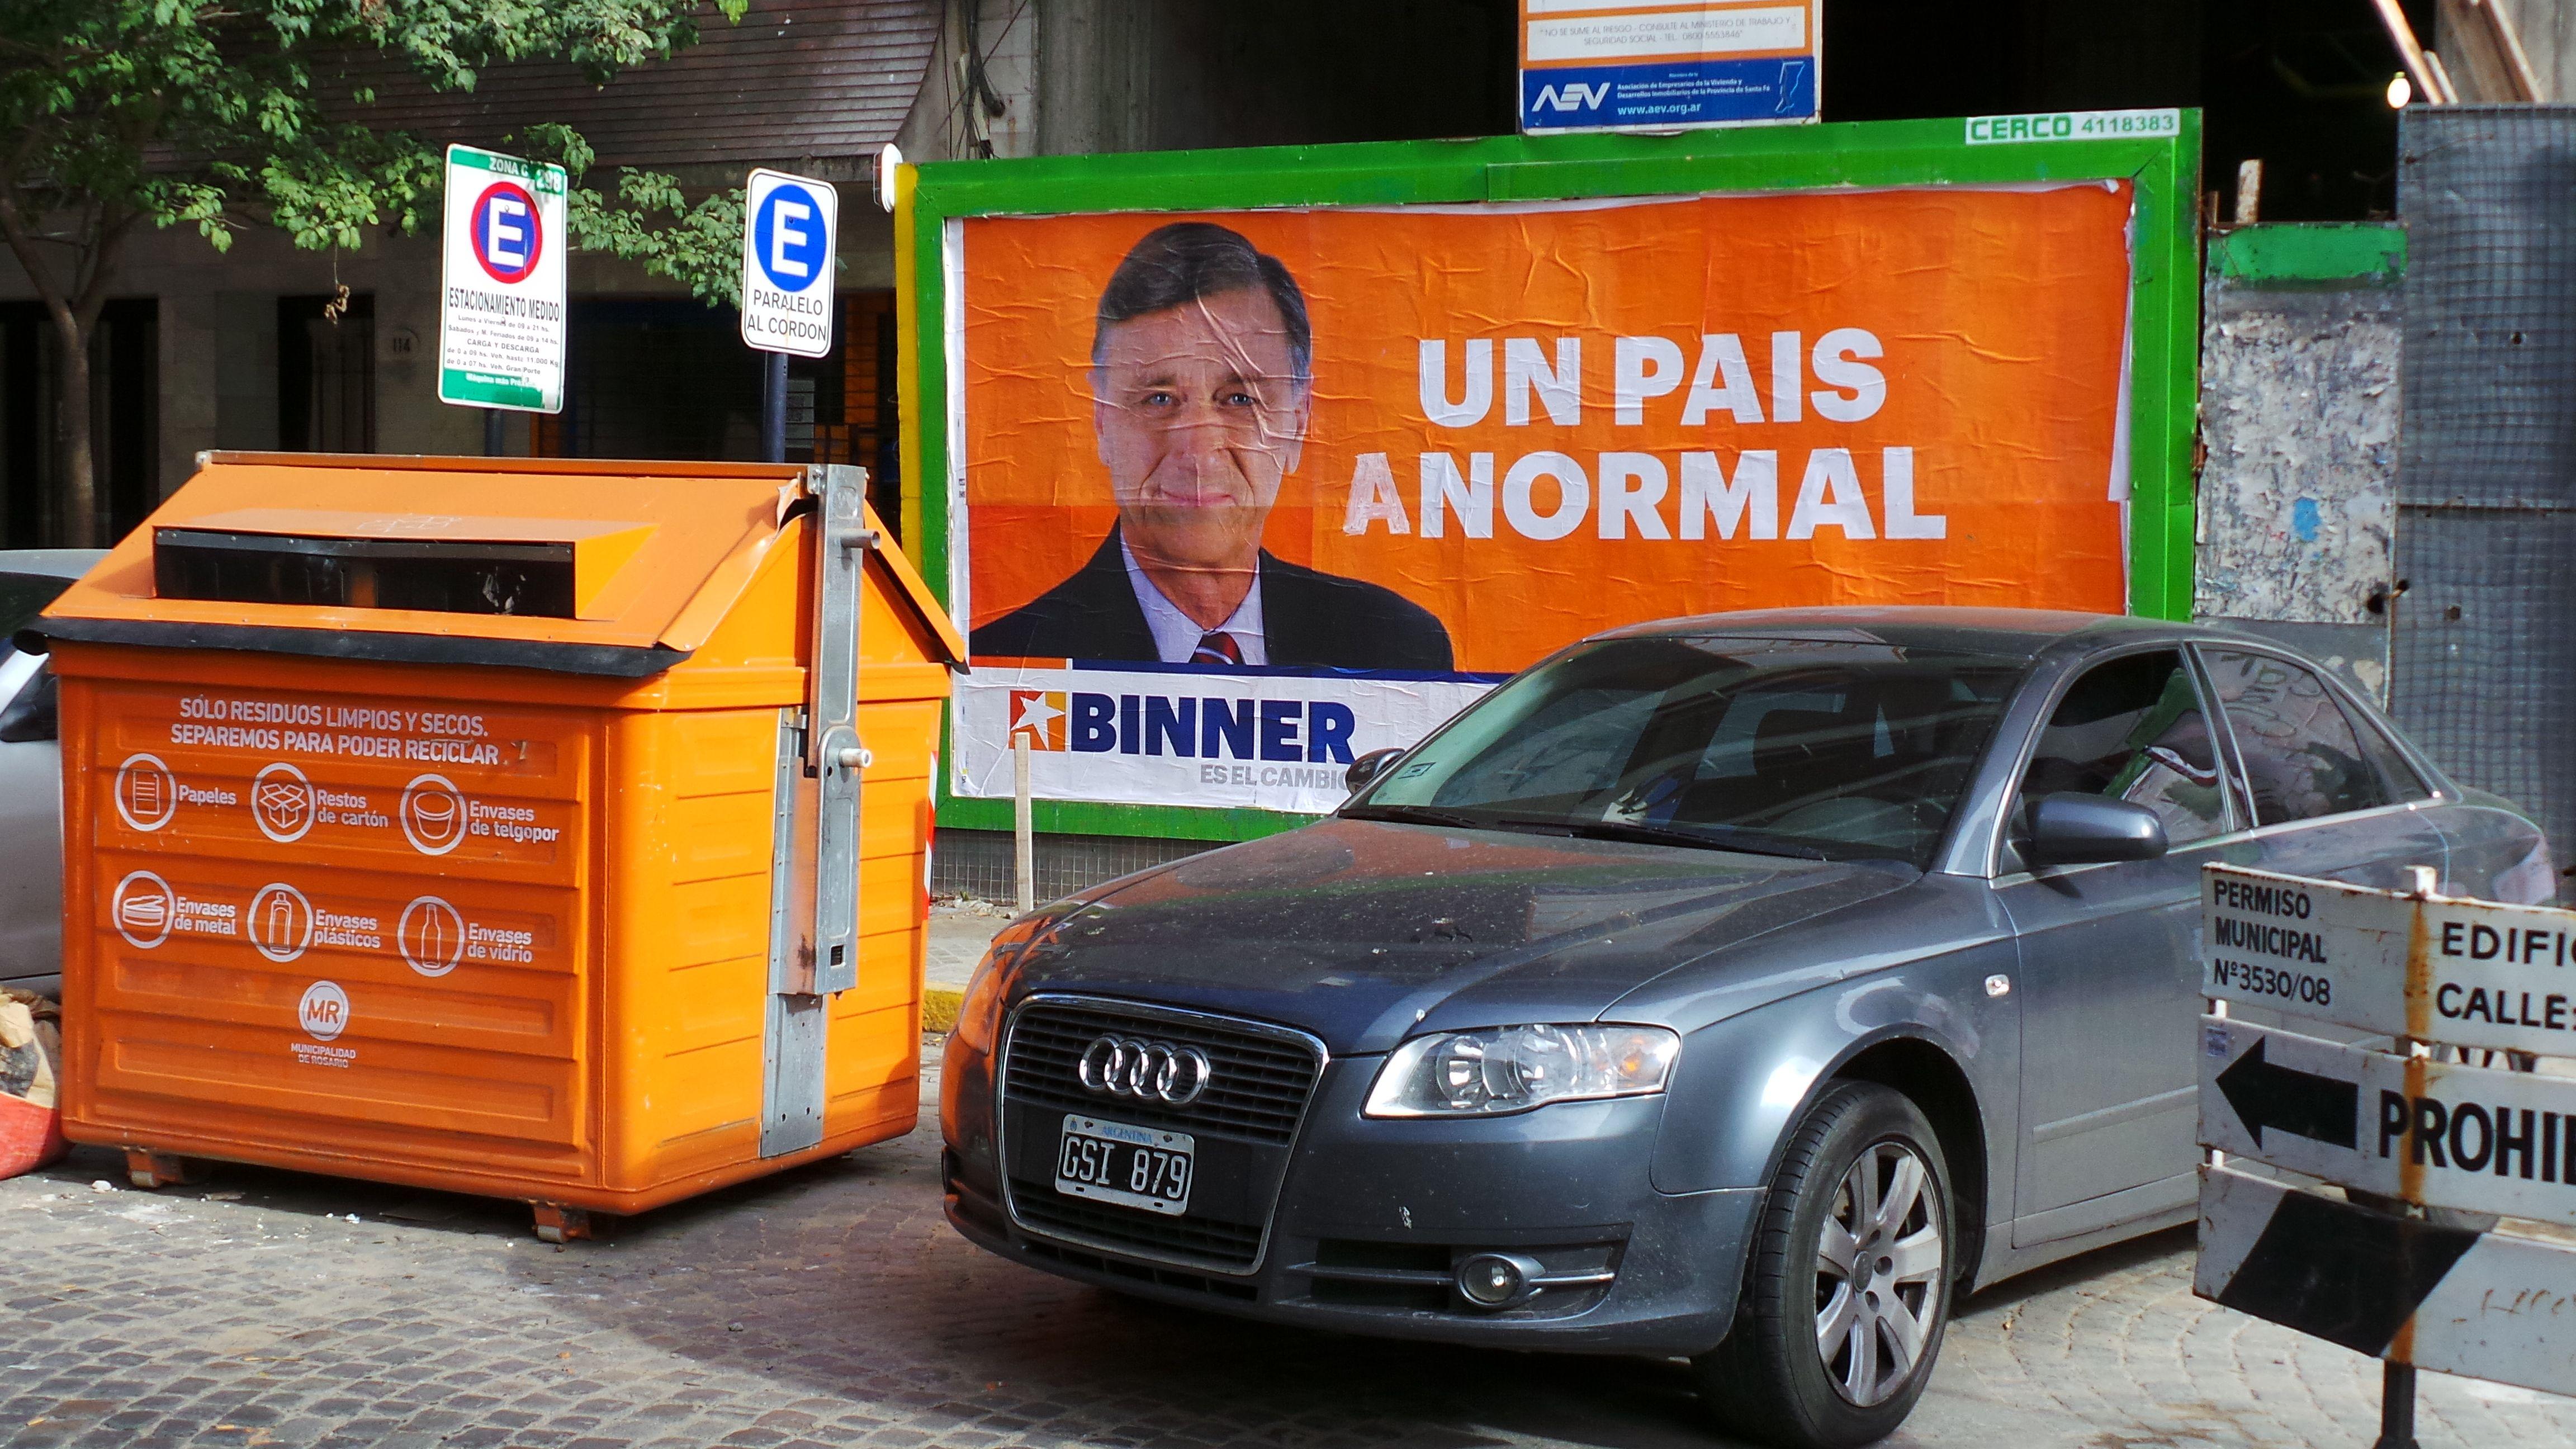 A la frase Un país normal que acompaña a la foto del candidato a diputado nacional socialista se le agregó la letra A